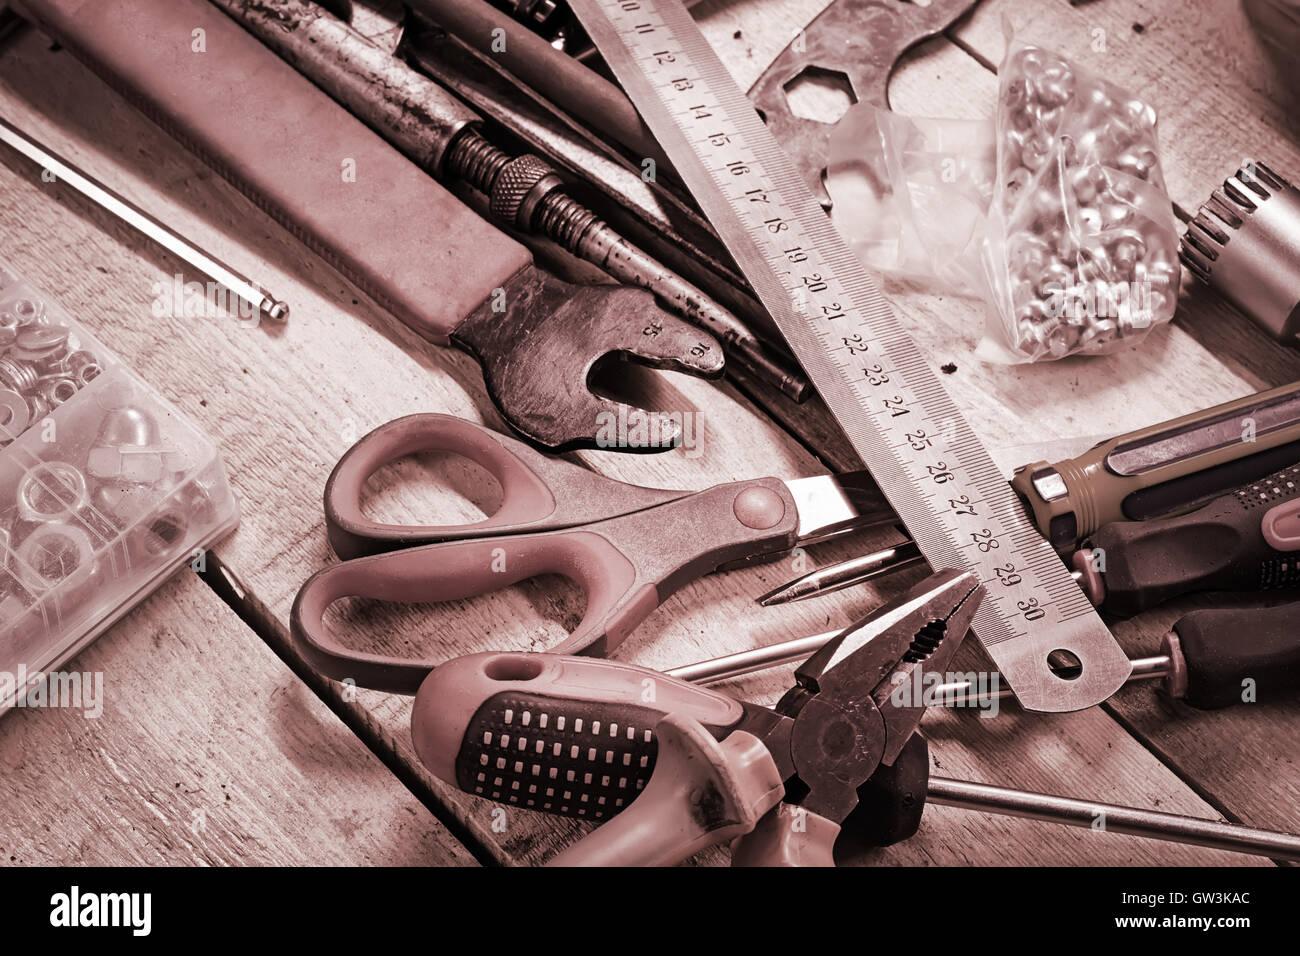 Bureau d'atelier avec divers outils. Image tonique Photo Stock